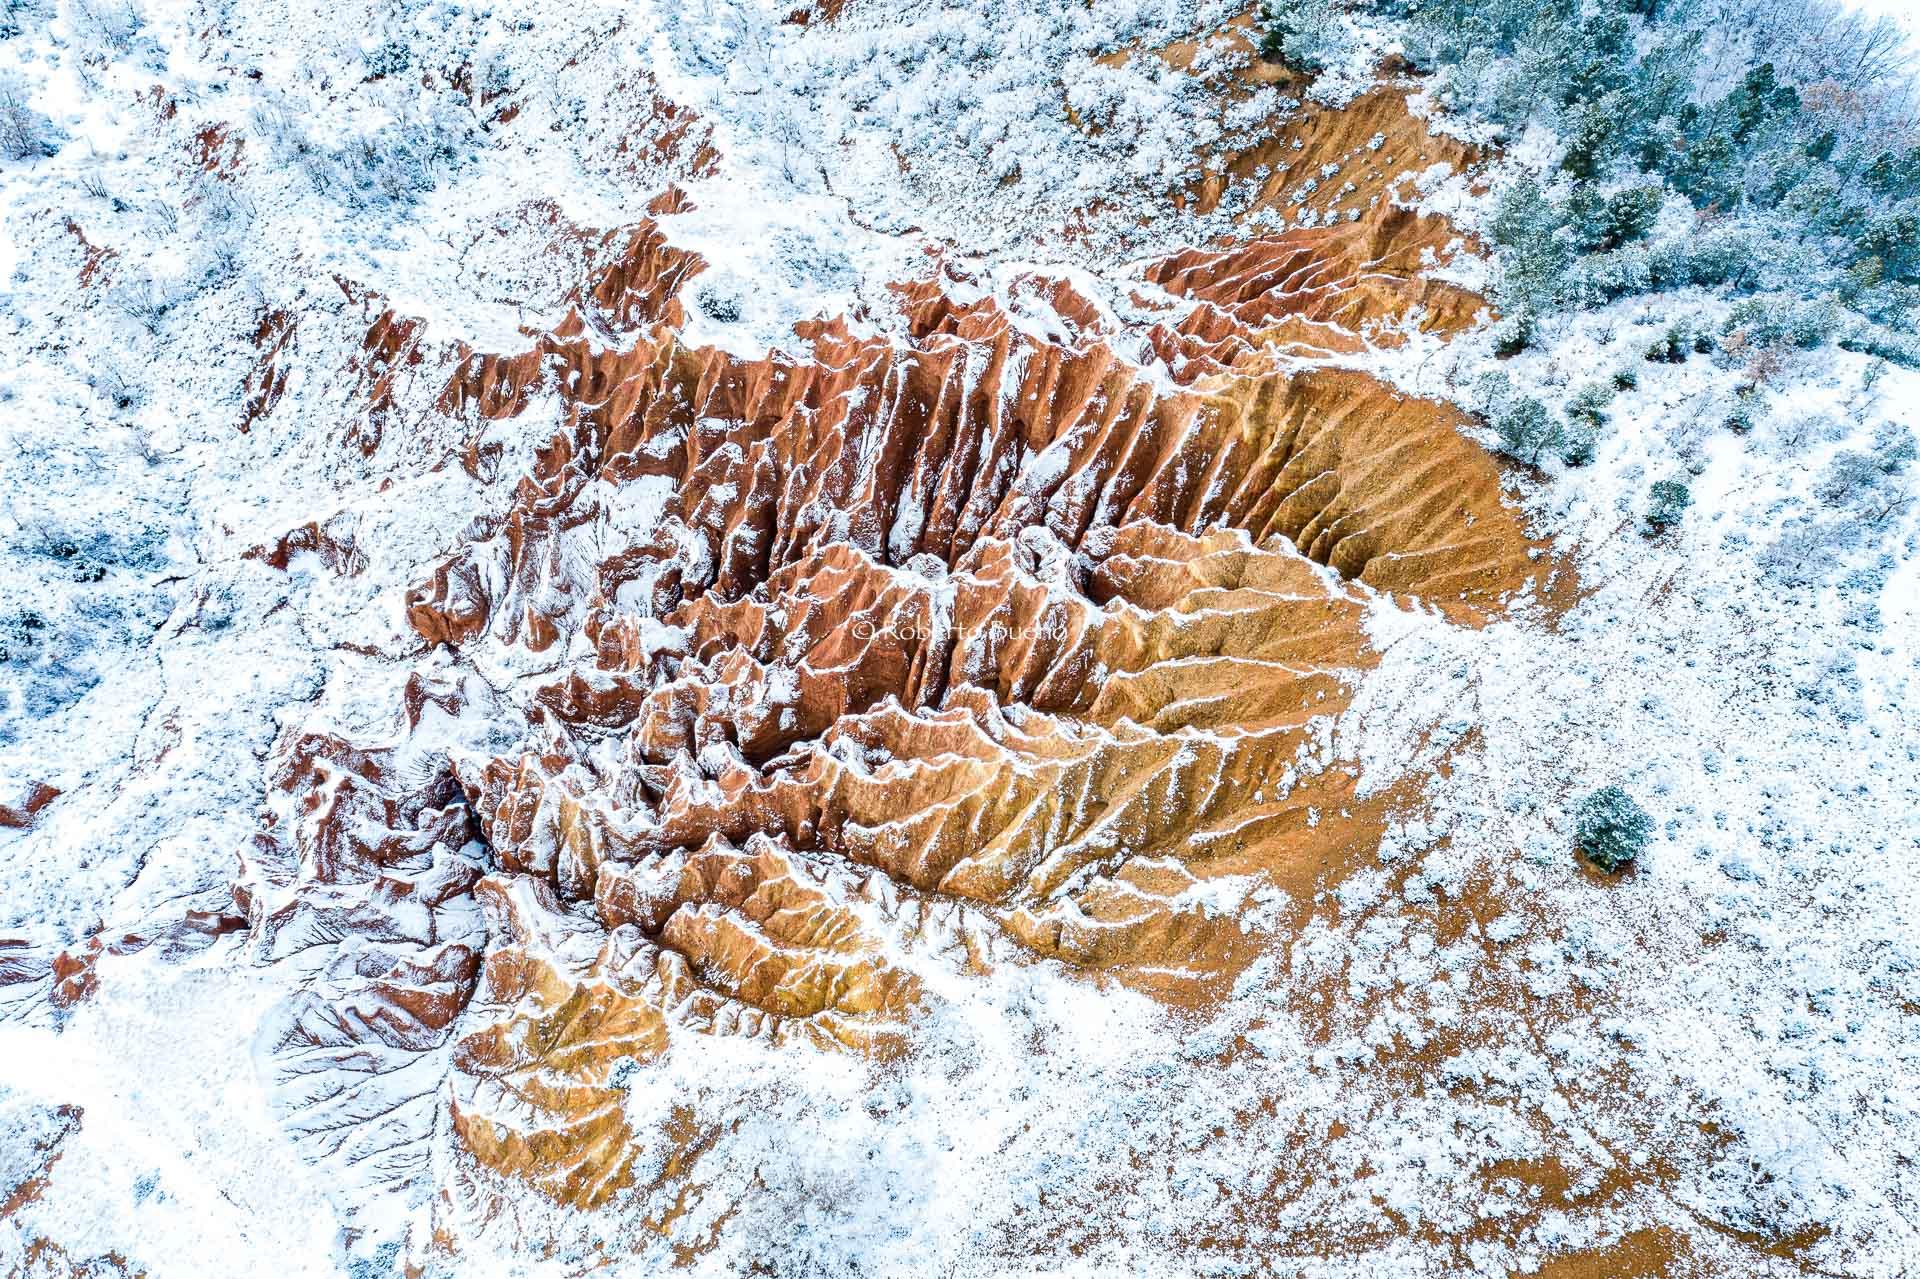 No es Bryce Canyon - Desde el aire 2 - Roberto Bueno - Fotografía de Naturaleza - Luces del Planeta - Desde el aire